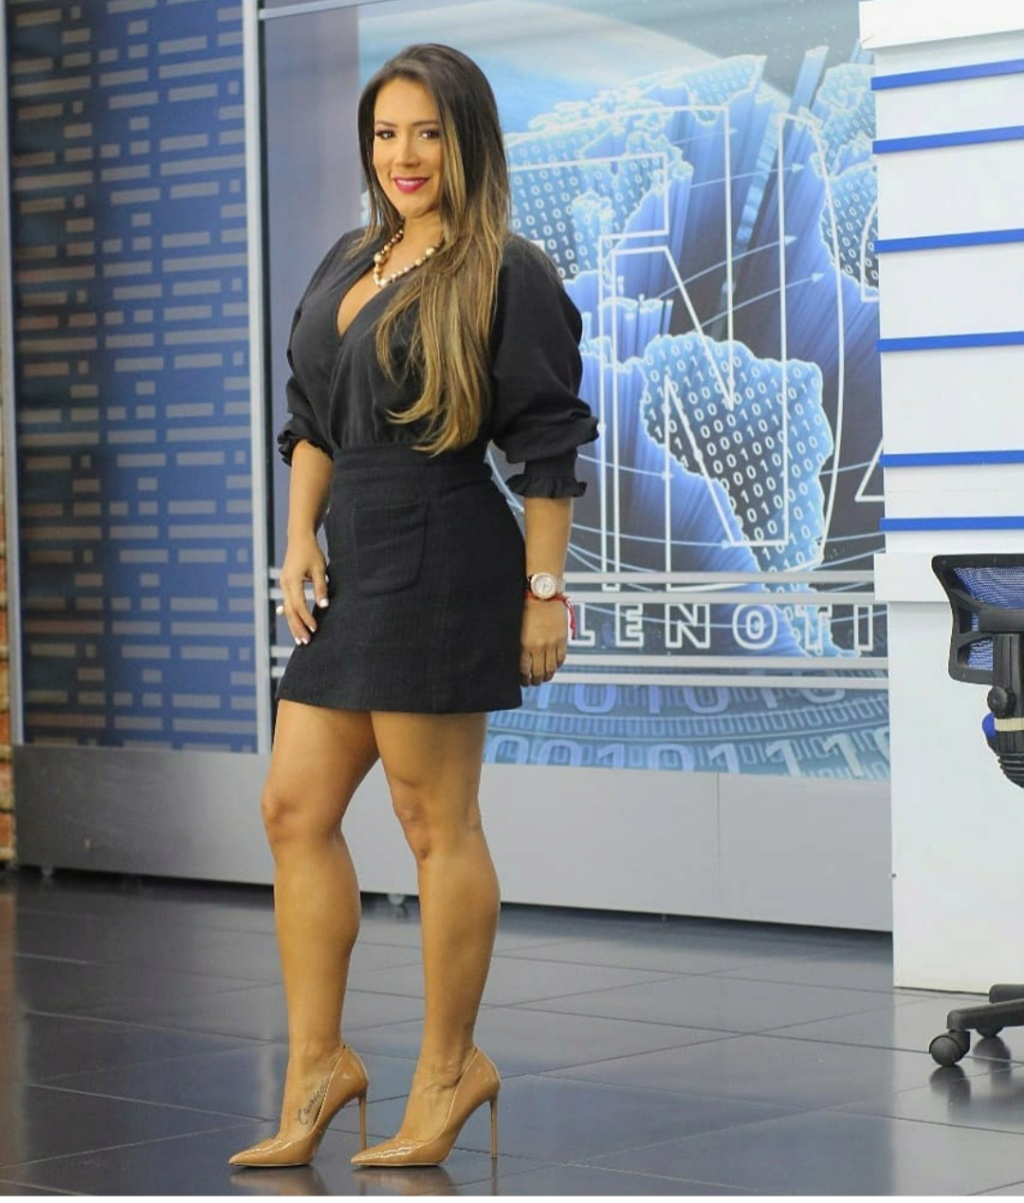 DEBATE sobre belleza, guapura y hermosura (fotos de chicas latinas, mestizas, y de todo) - VOL II - Página 2 Img_1318